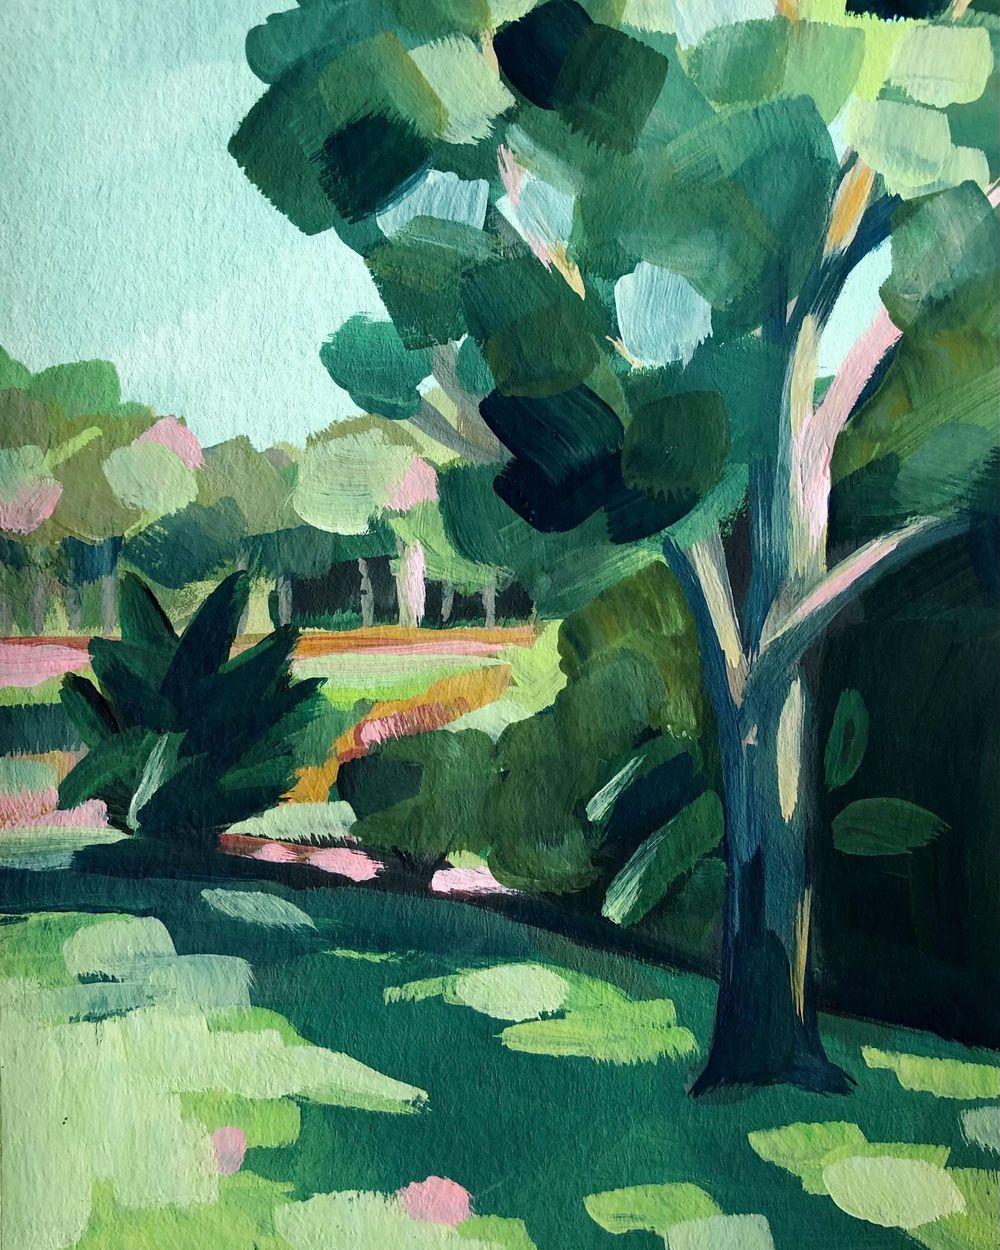 Gouache Landscape Sketches - image 2 - student project